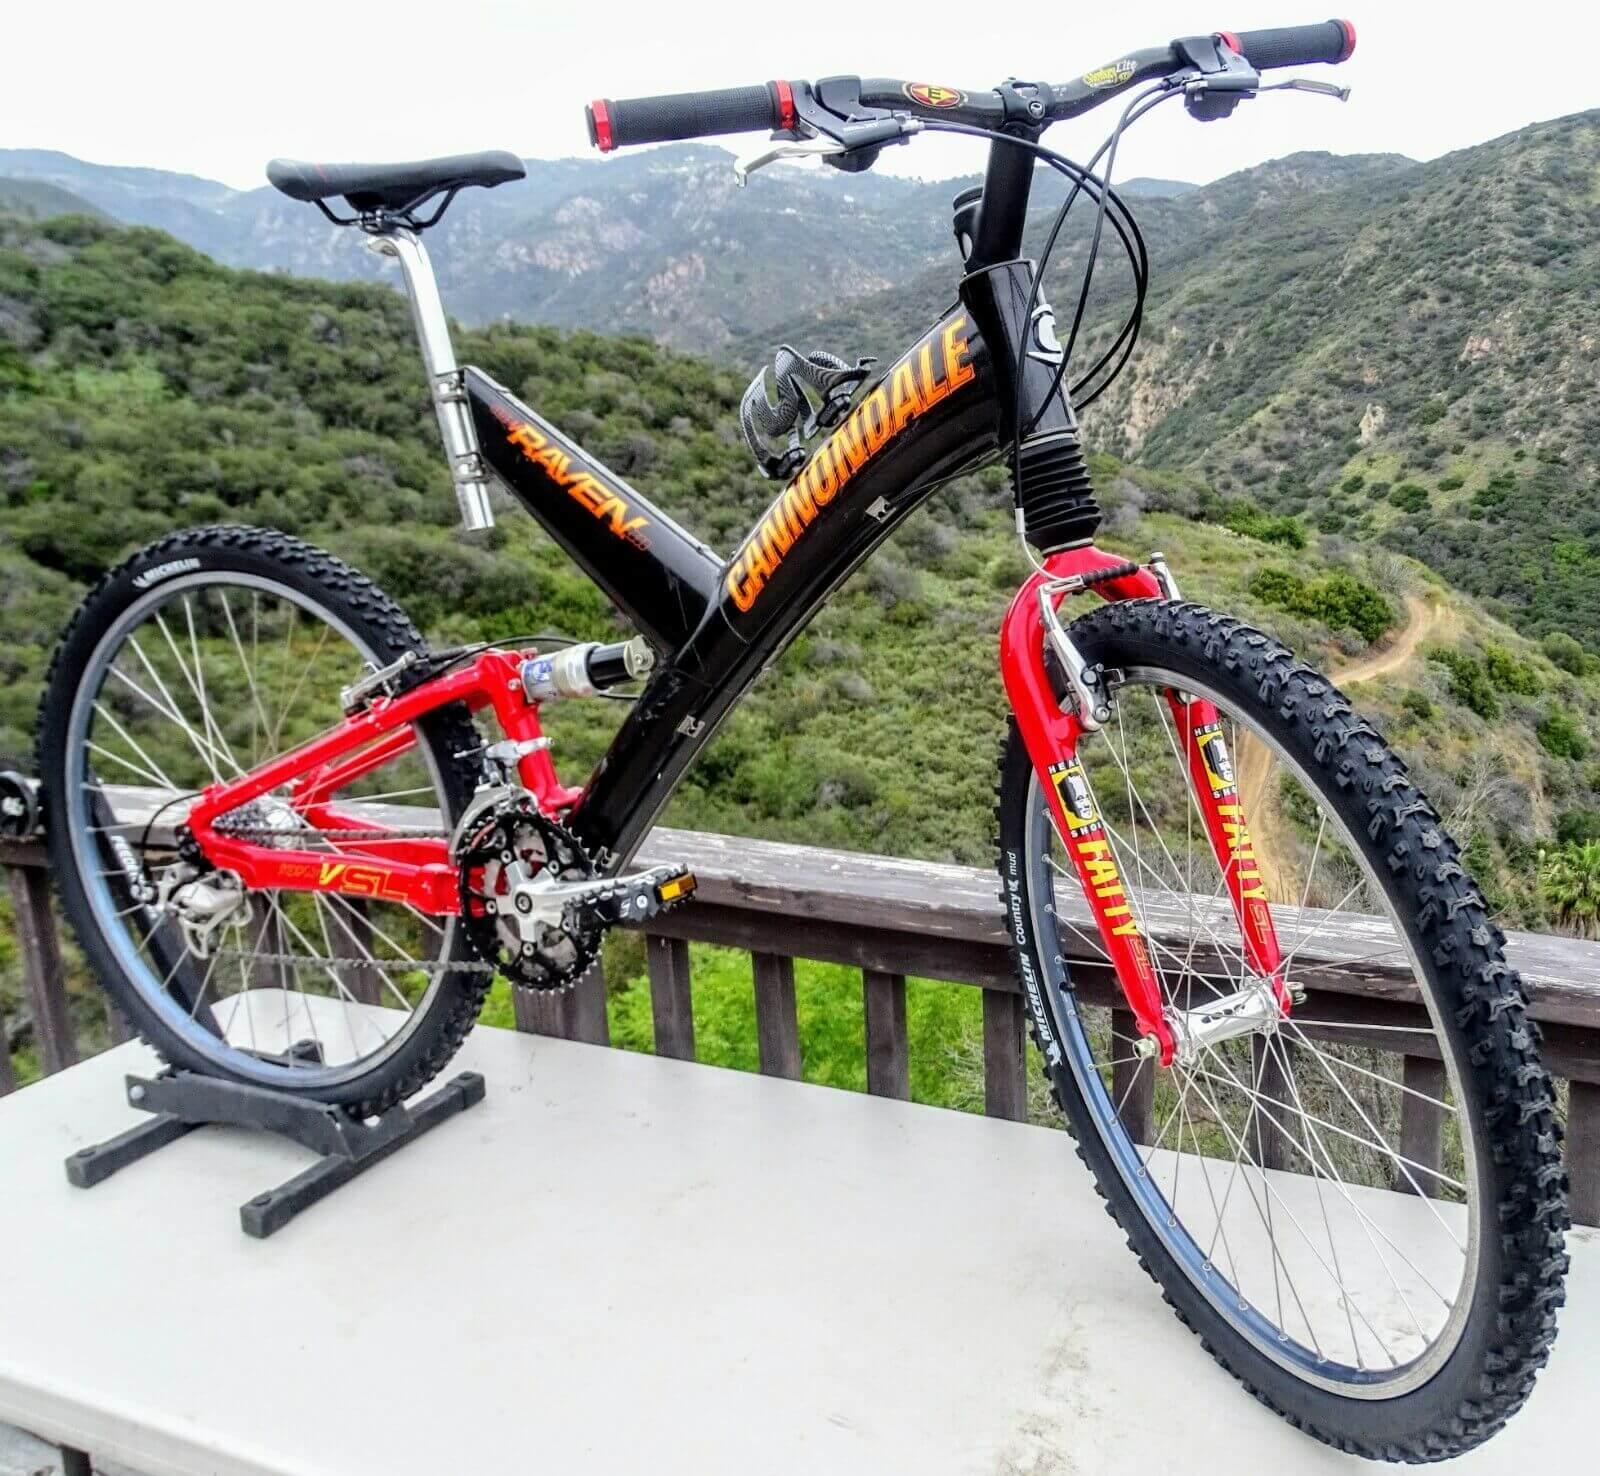 raven mountain bike in mountains